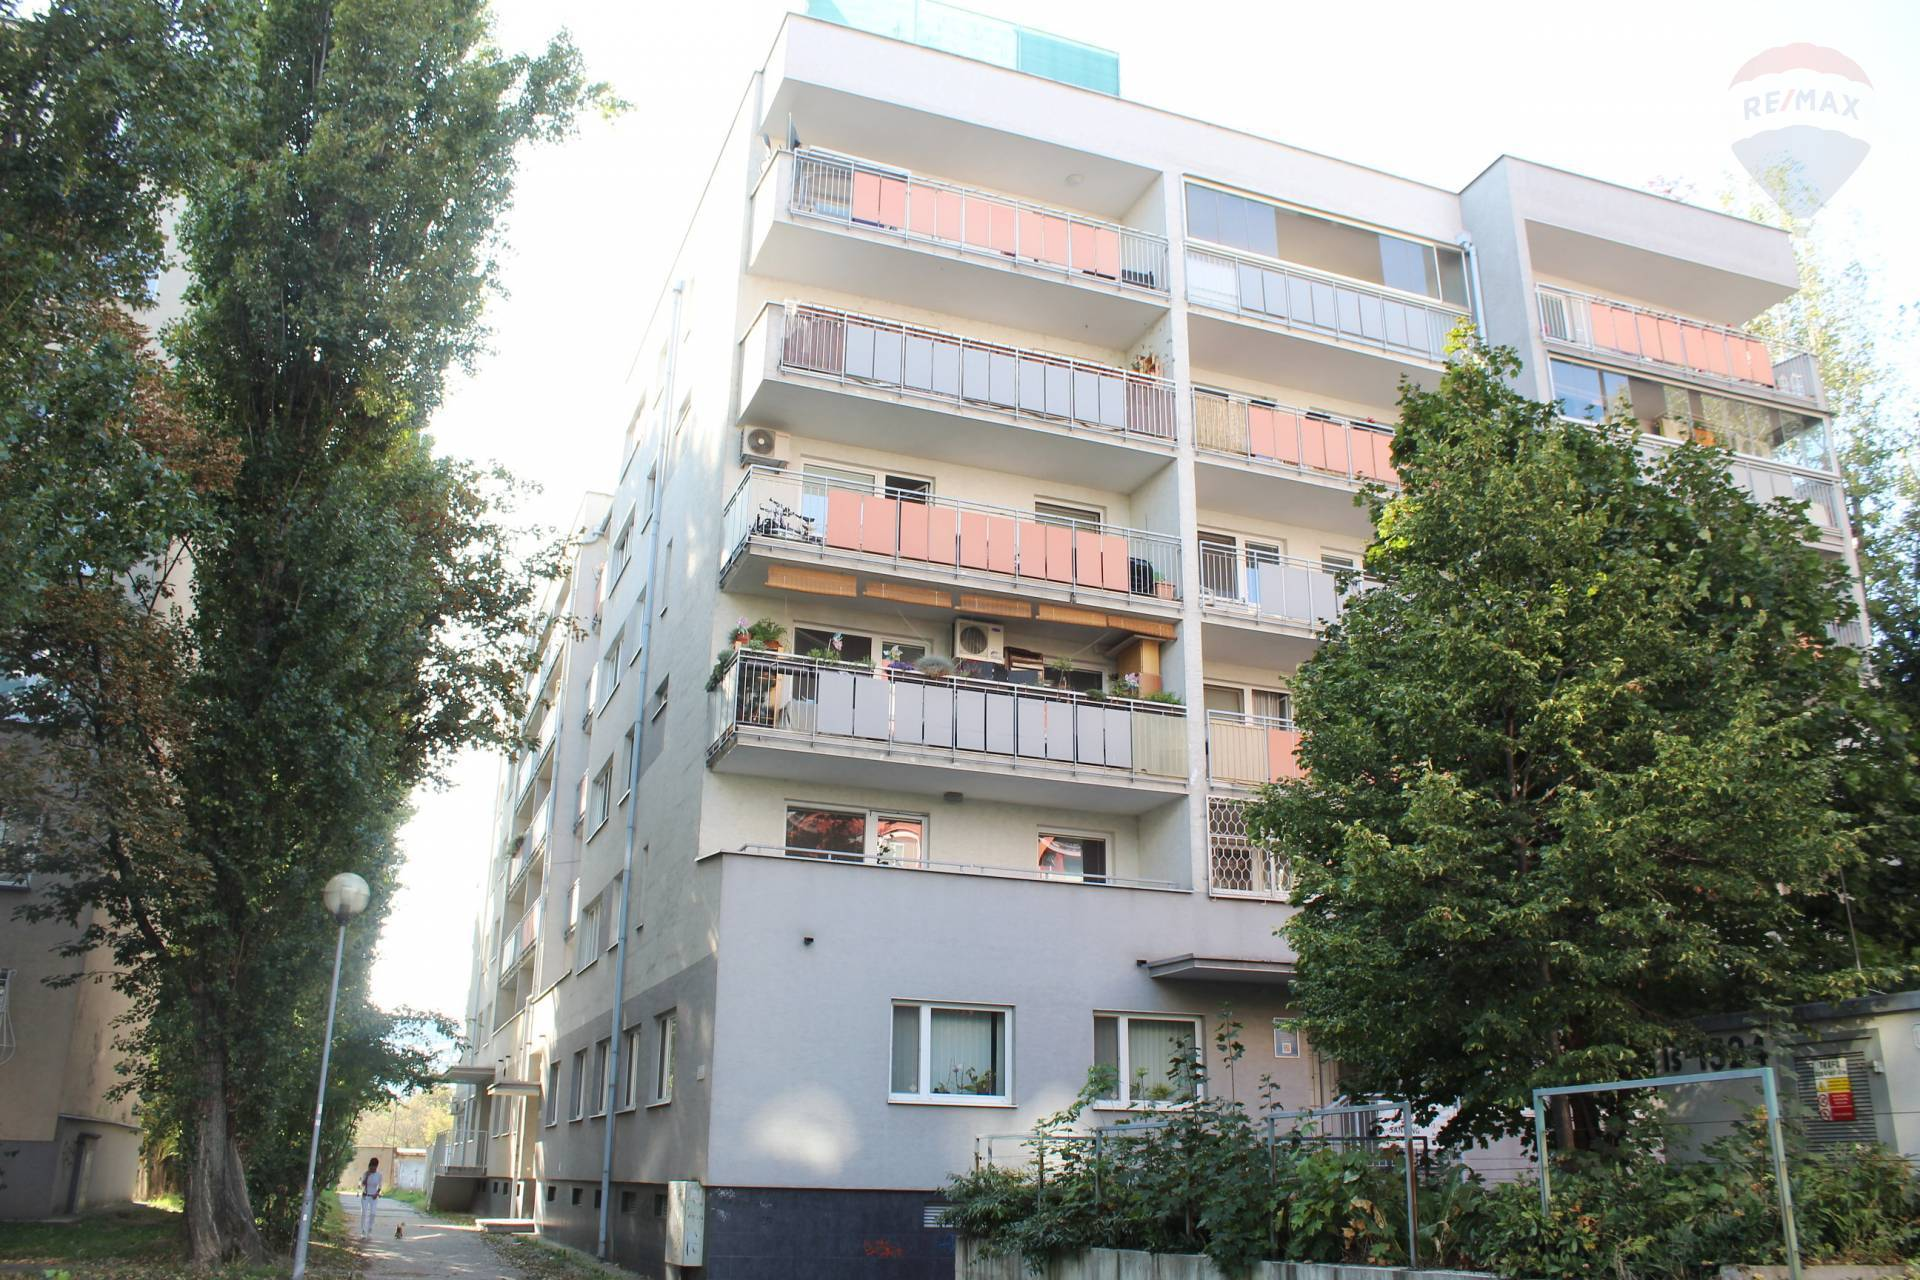 Predaj, 2-izbový byt (64 m2) s veľkou loggiou (12 m2), novostavba, Ružinov - Haburská ul.